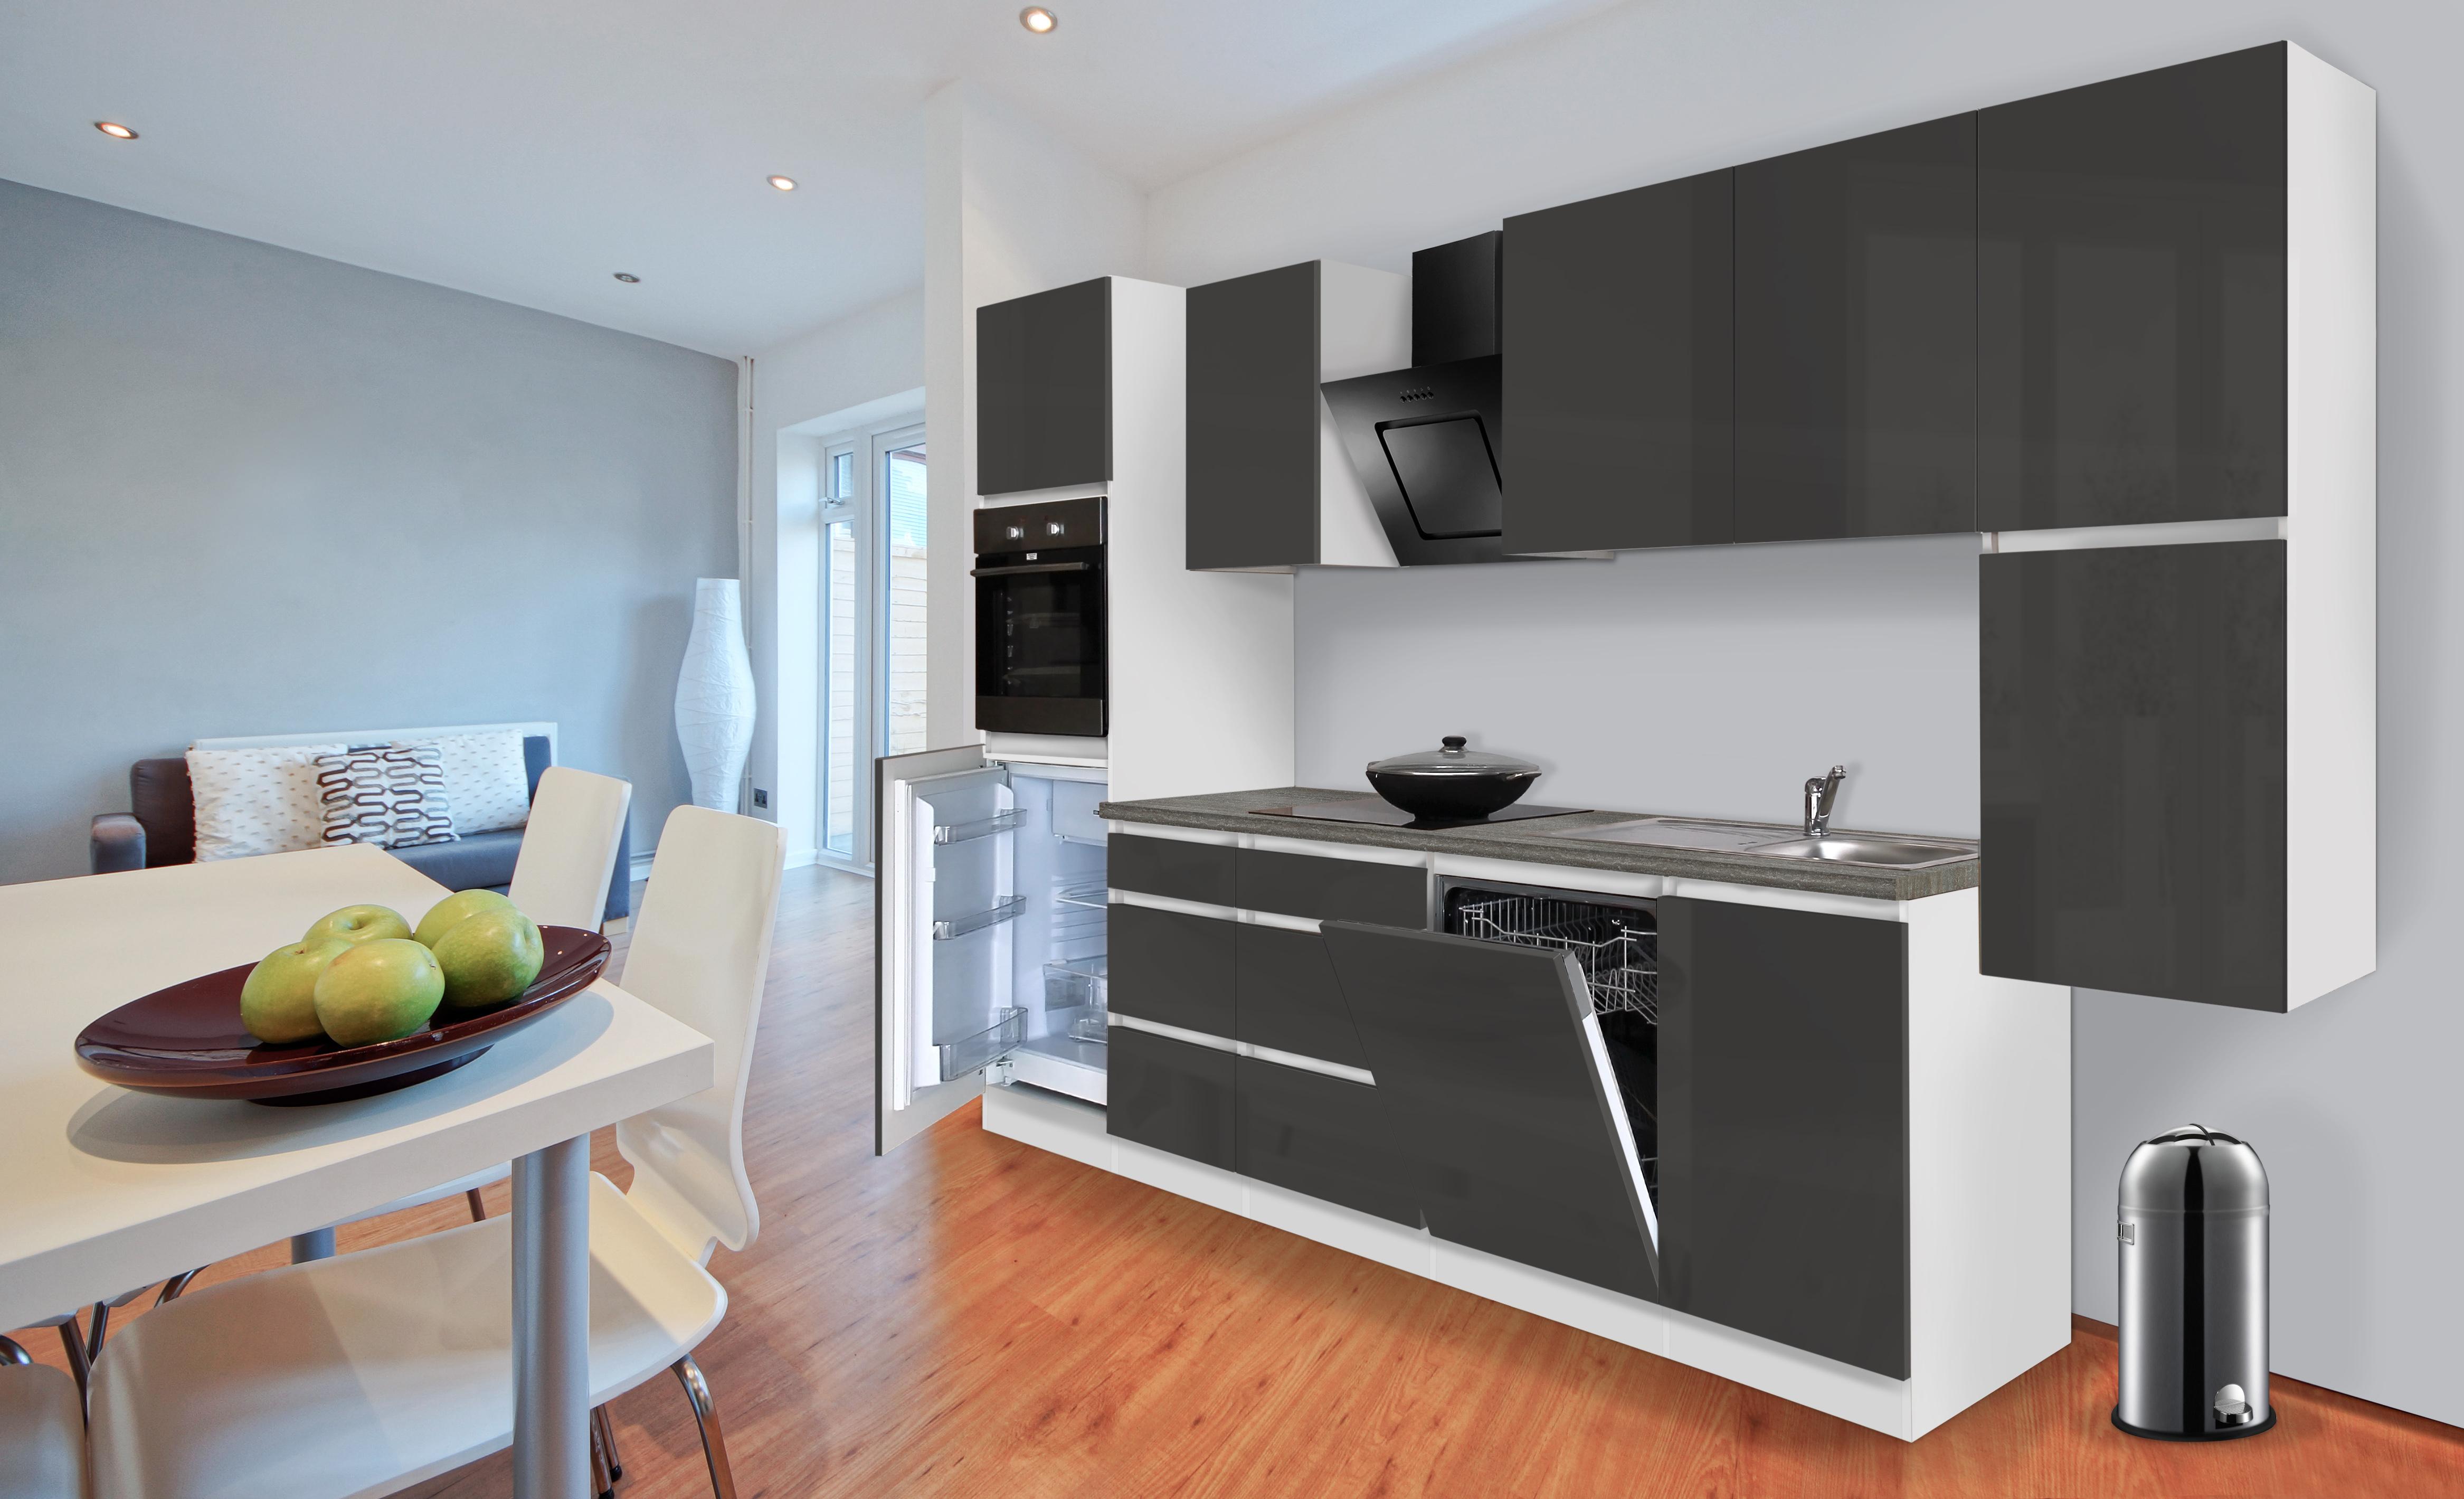 respekta Küche Küchenzeile Küchenblock grifflose Einbauküche 330 cm weiß grau